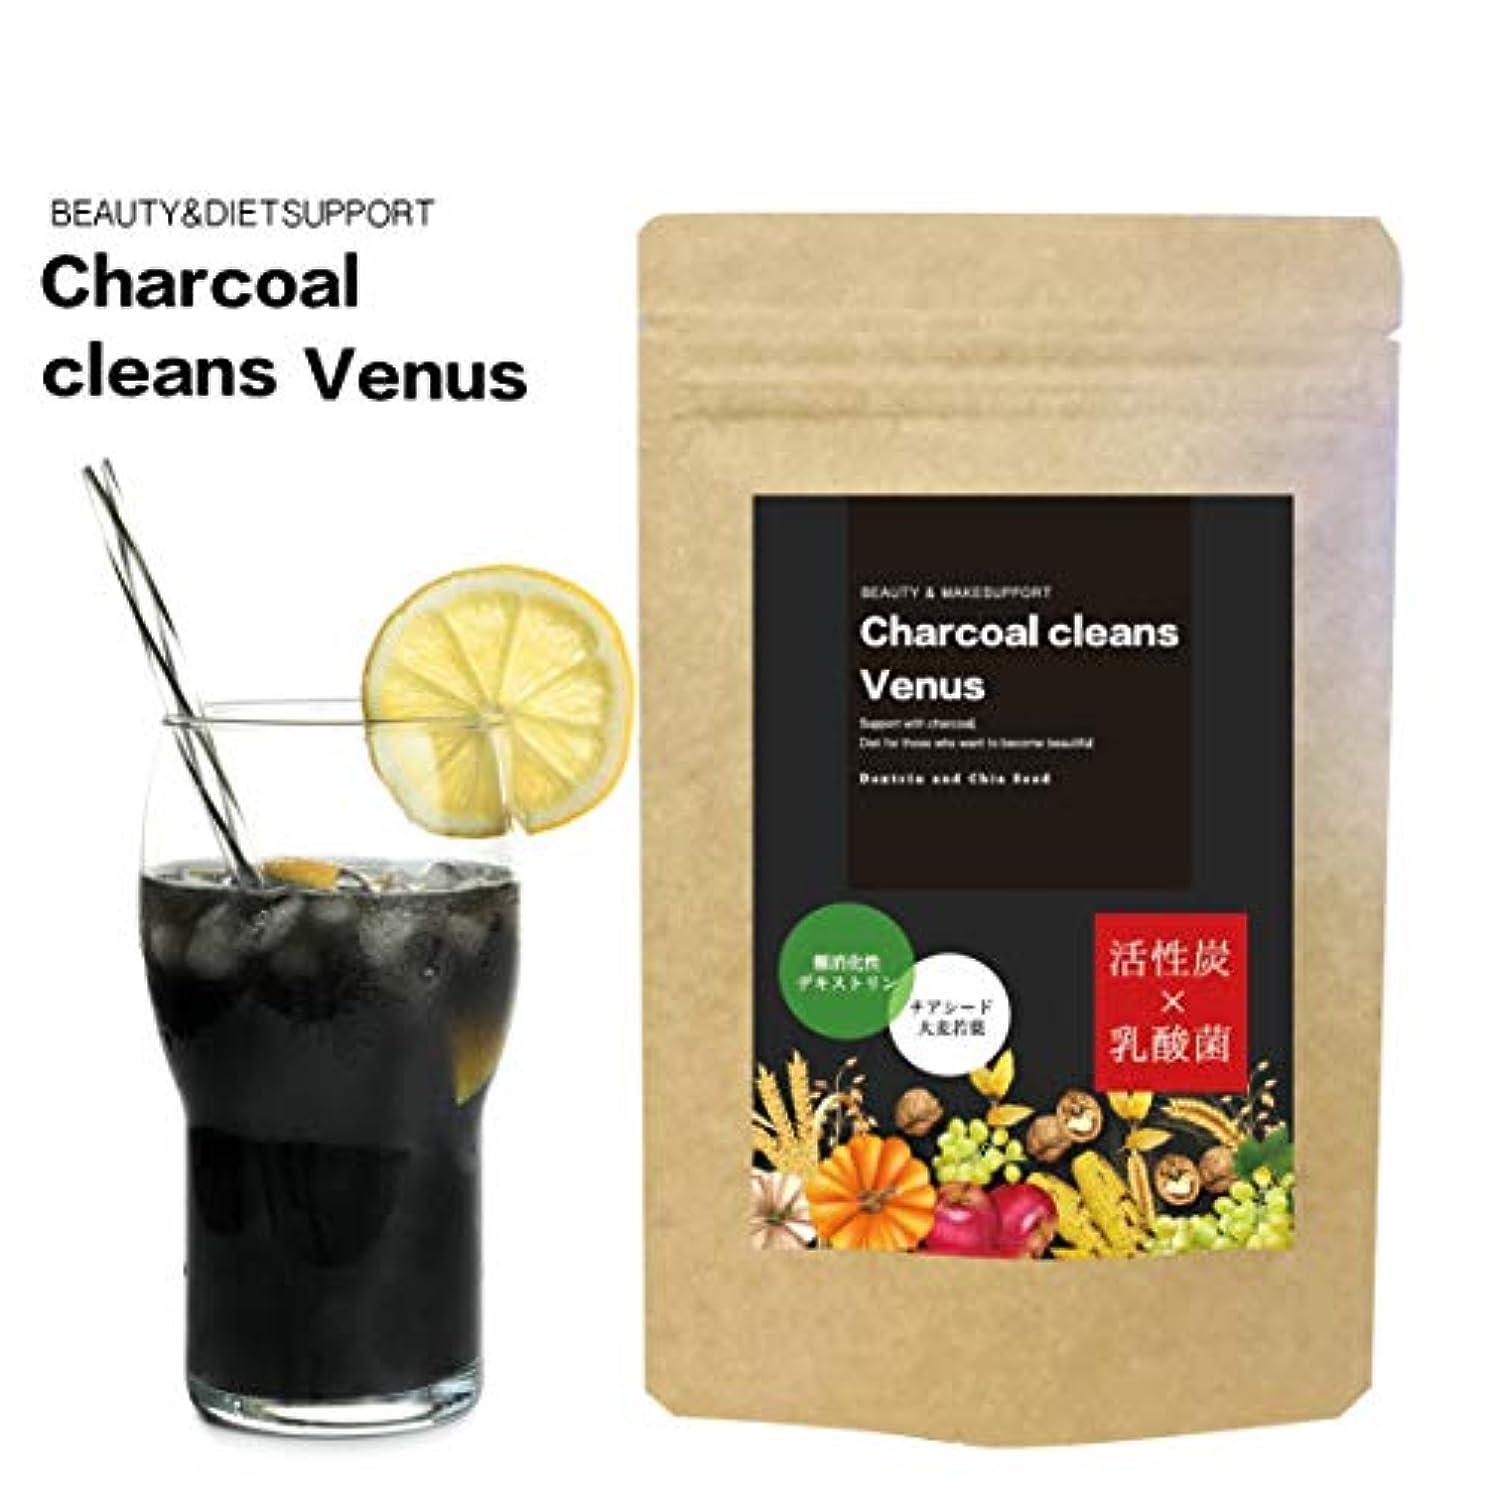 神秘的なエントリ絶対に炭 デトックス & ダイエット 活性炭 + 乳酸菌 チャコールクレンズ ビーナス 約1ヶ月分 150g フルーツMIX味